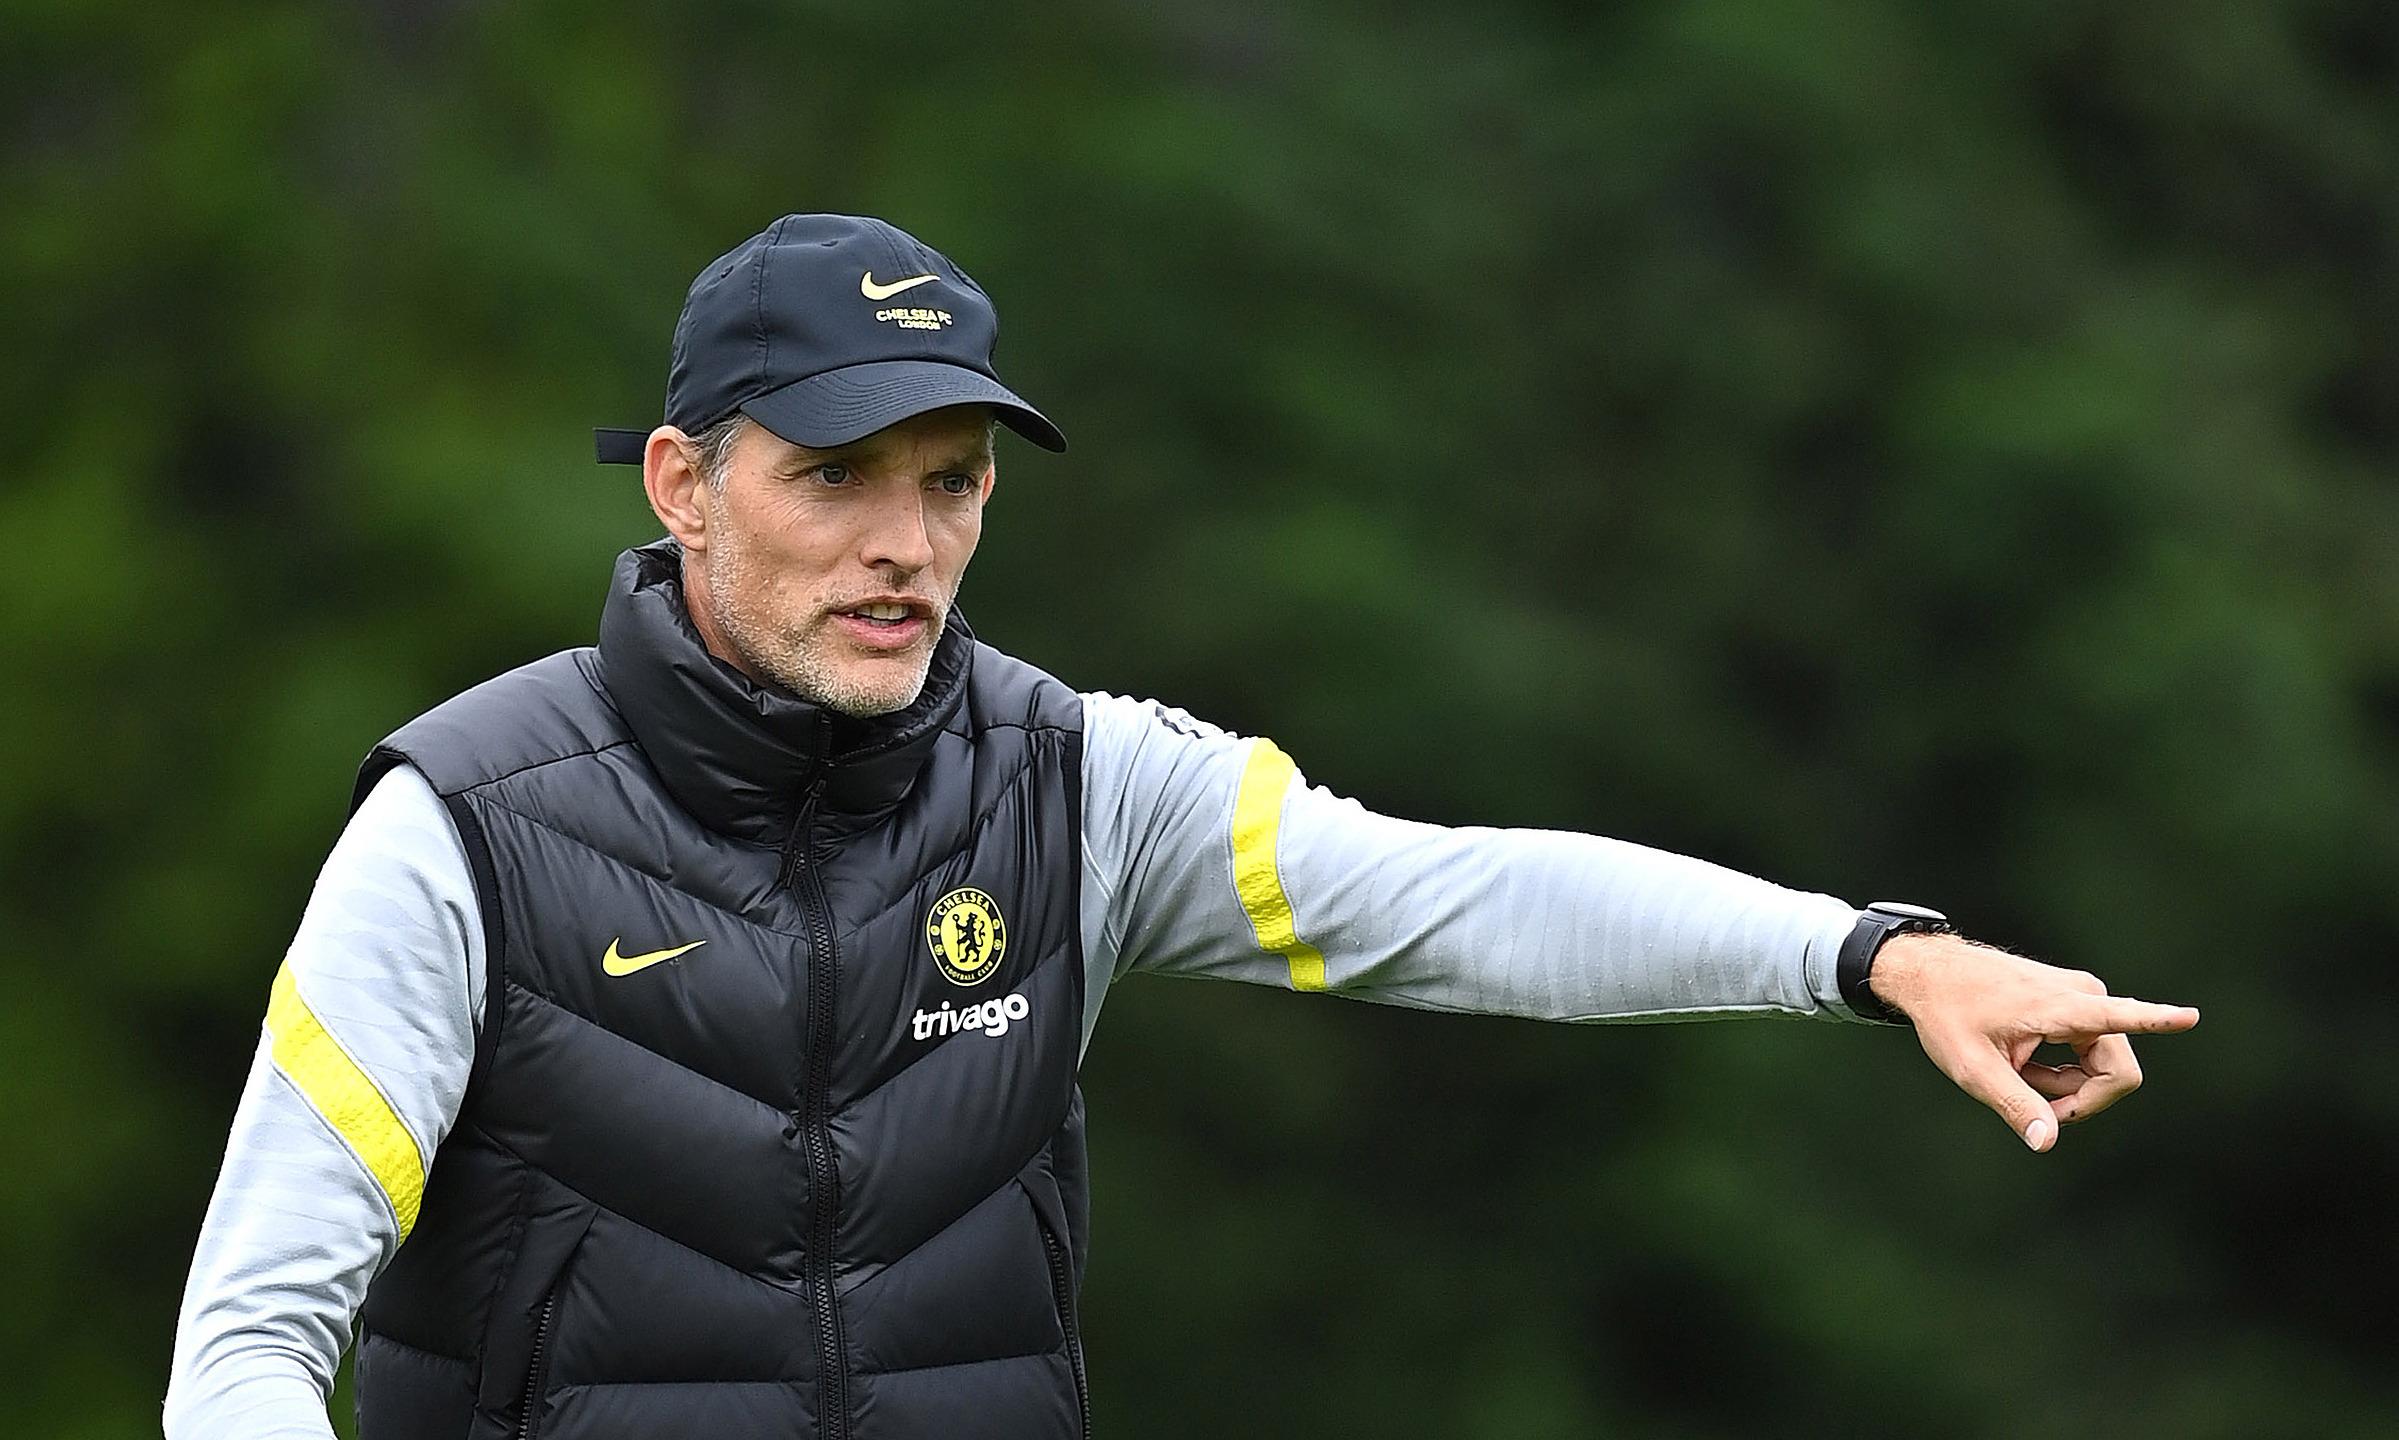 Tuchel chỉ đạo cầu thủ Chelsea tập hôm 27/8, trước trận đấu Liverpool hôm nay. Ảnh: Chelsea FC